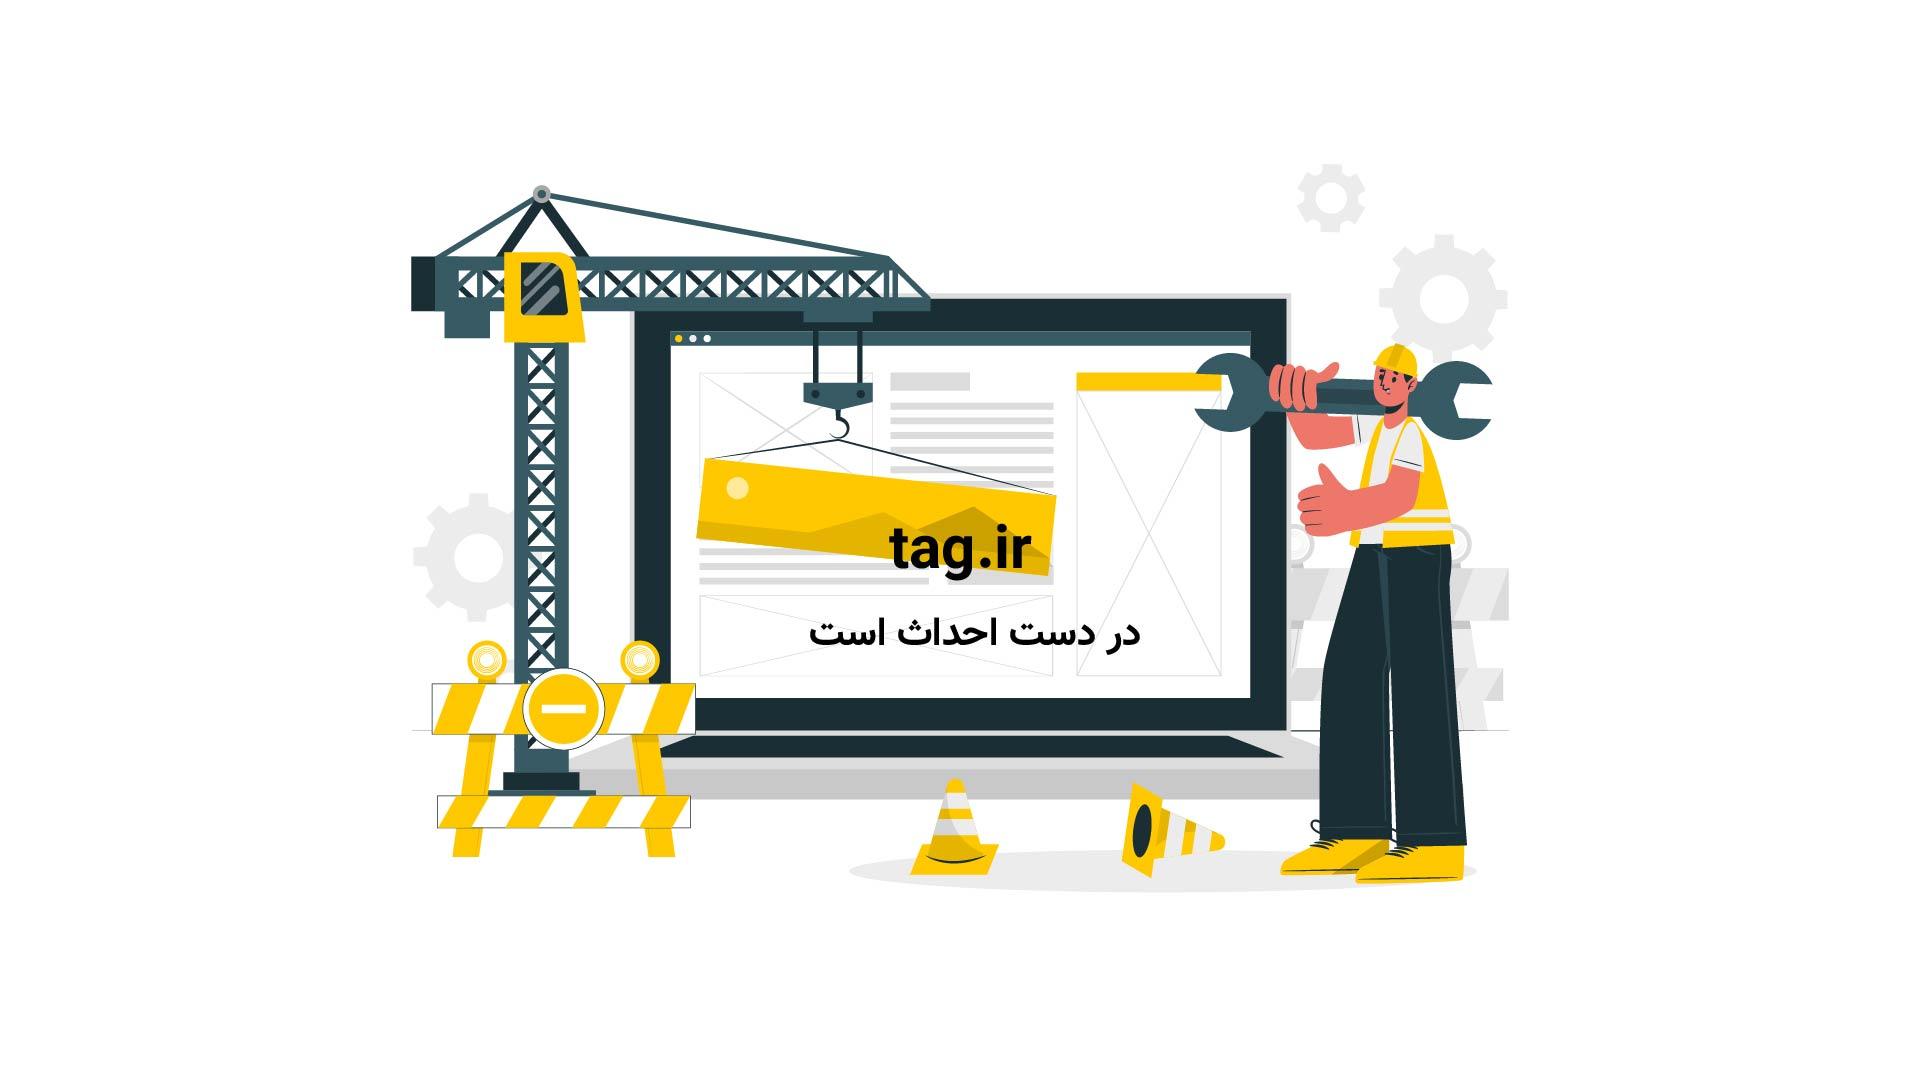 پرتاب 8 بمب توسط کره جنوبی در پاسخ به آزمایش موشکی پیونگ یانگ | فیلم